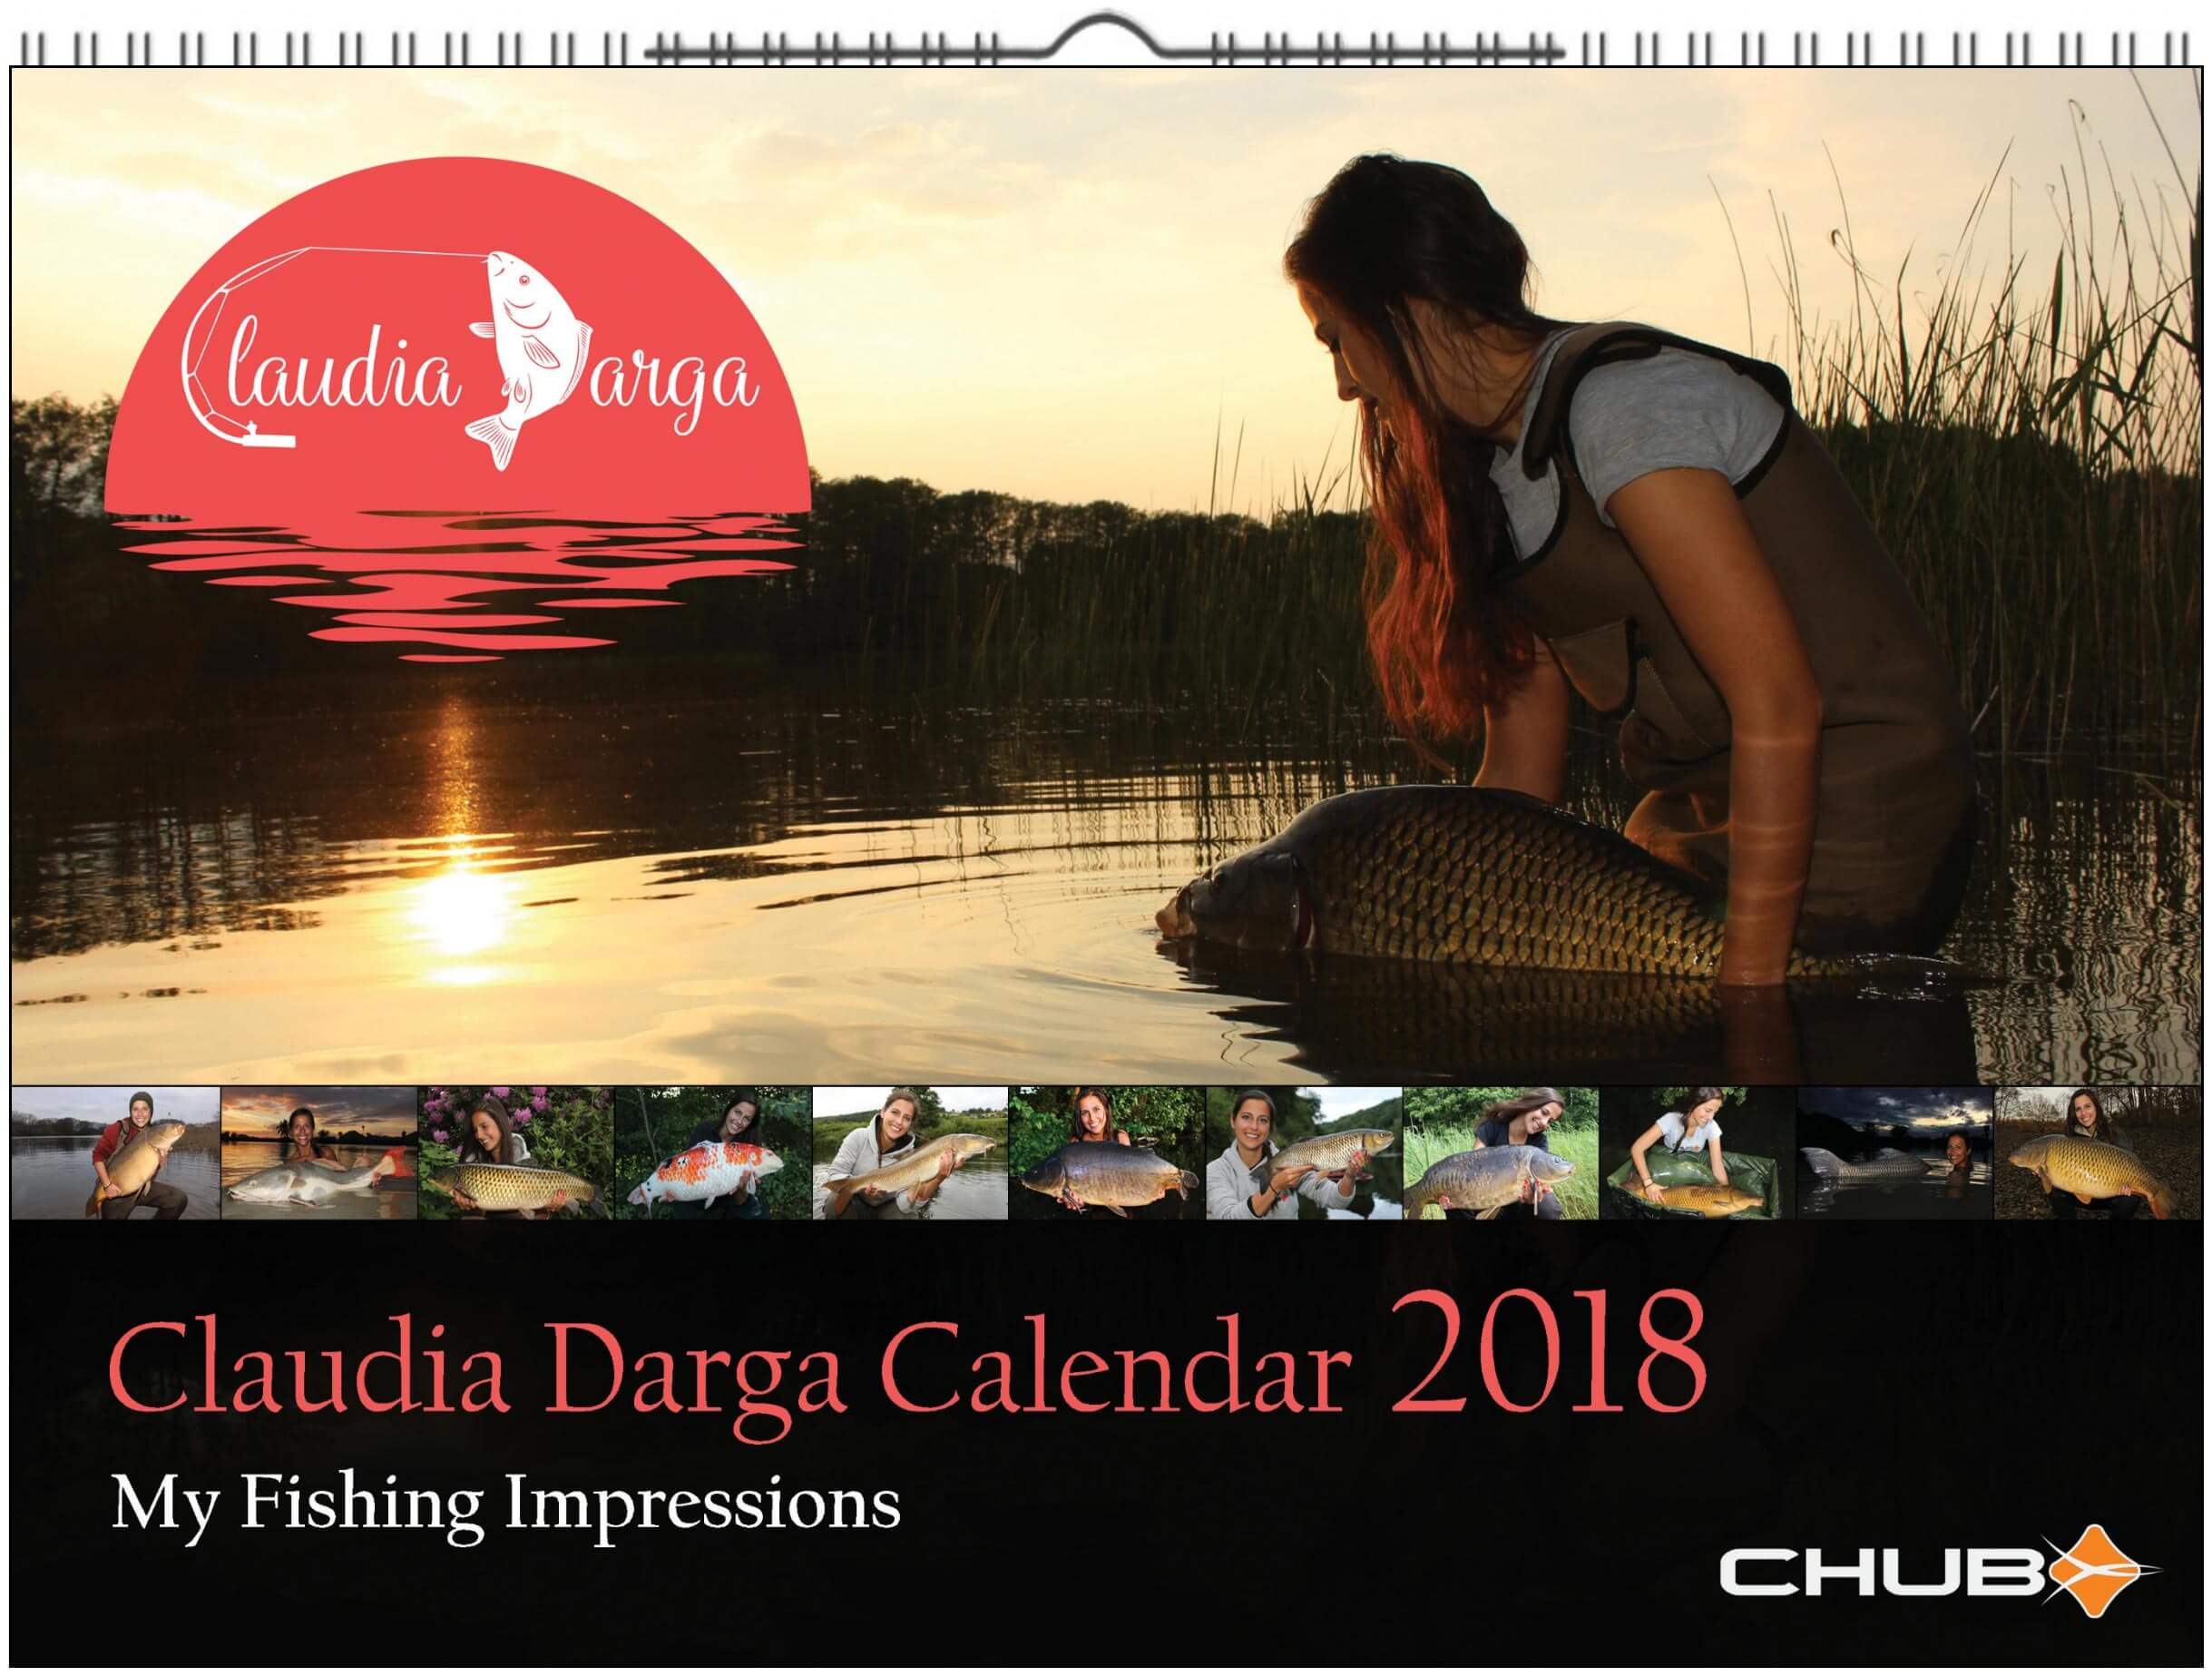 claudia darga calendar 2018